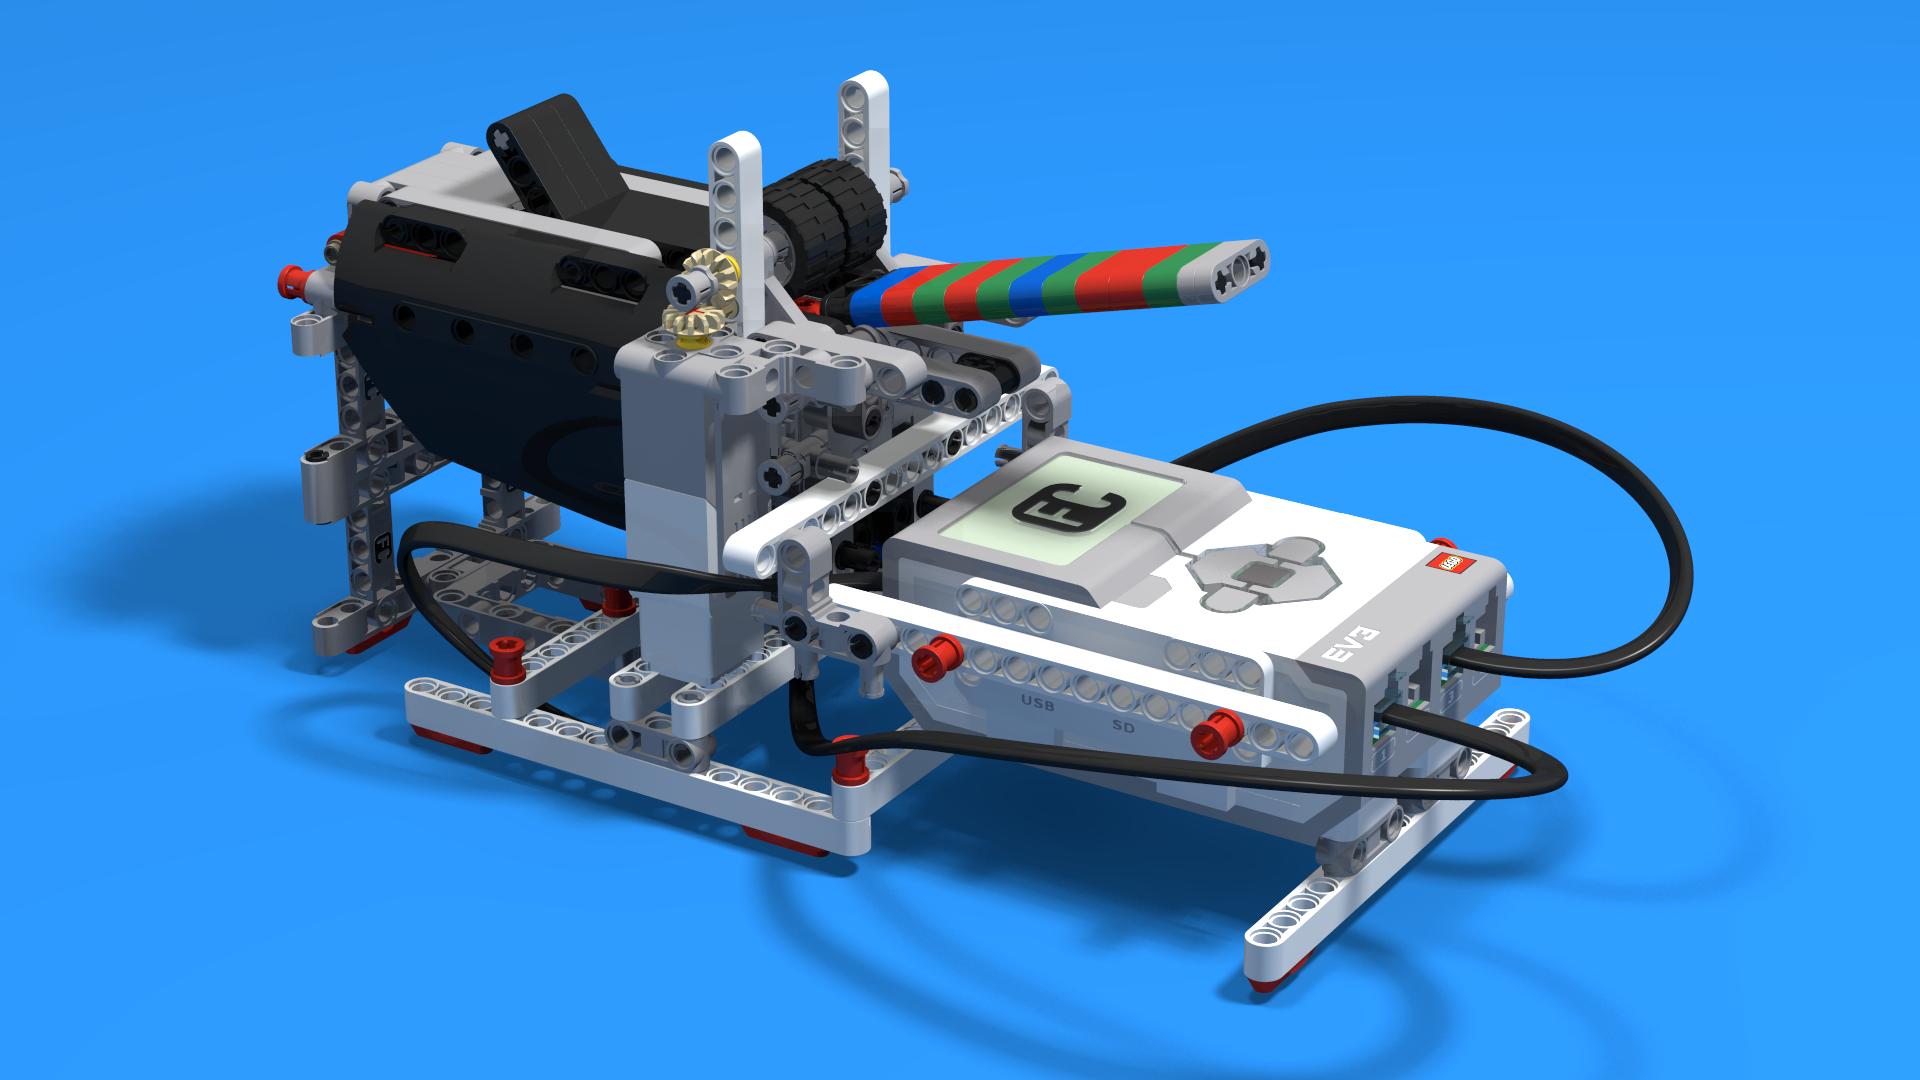 FLLCasts   Geldautomaat, a LEGO Mindstorms EV3 ATM robot